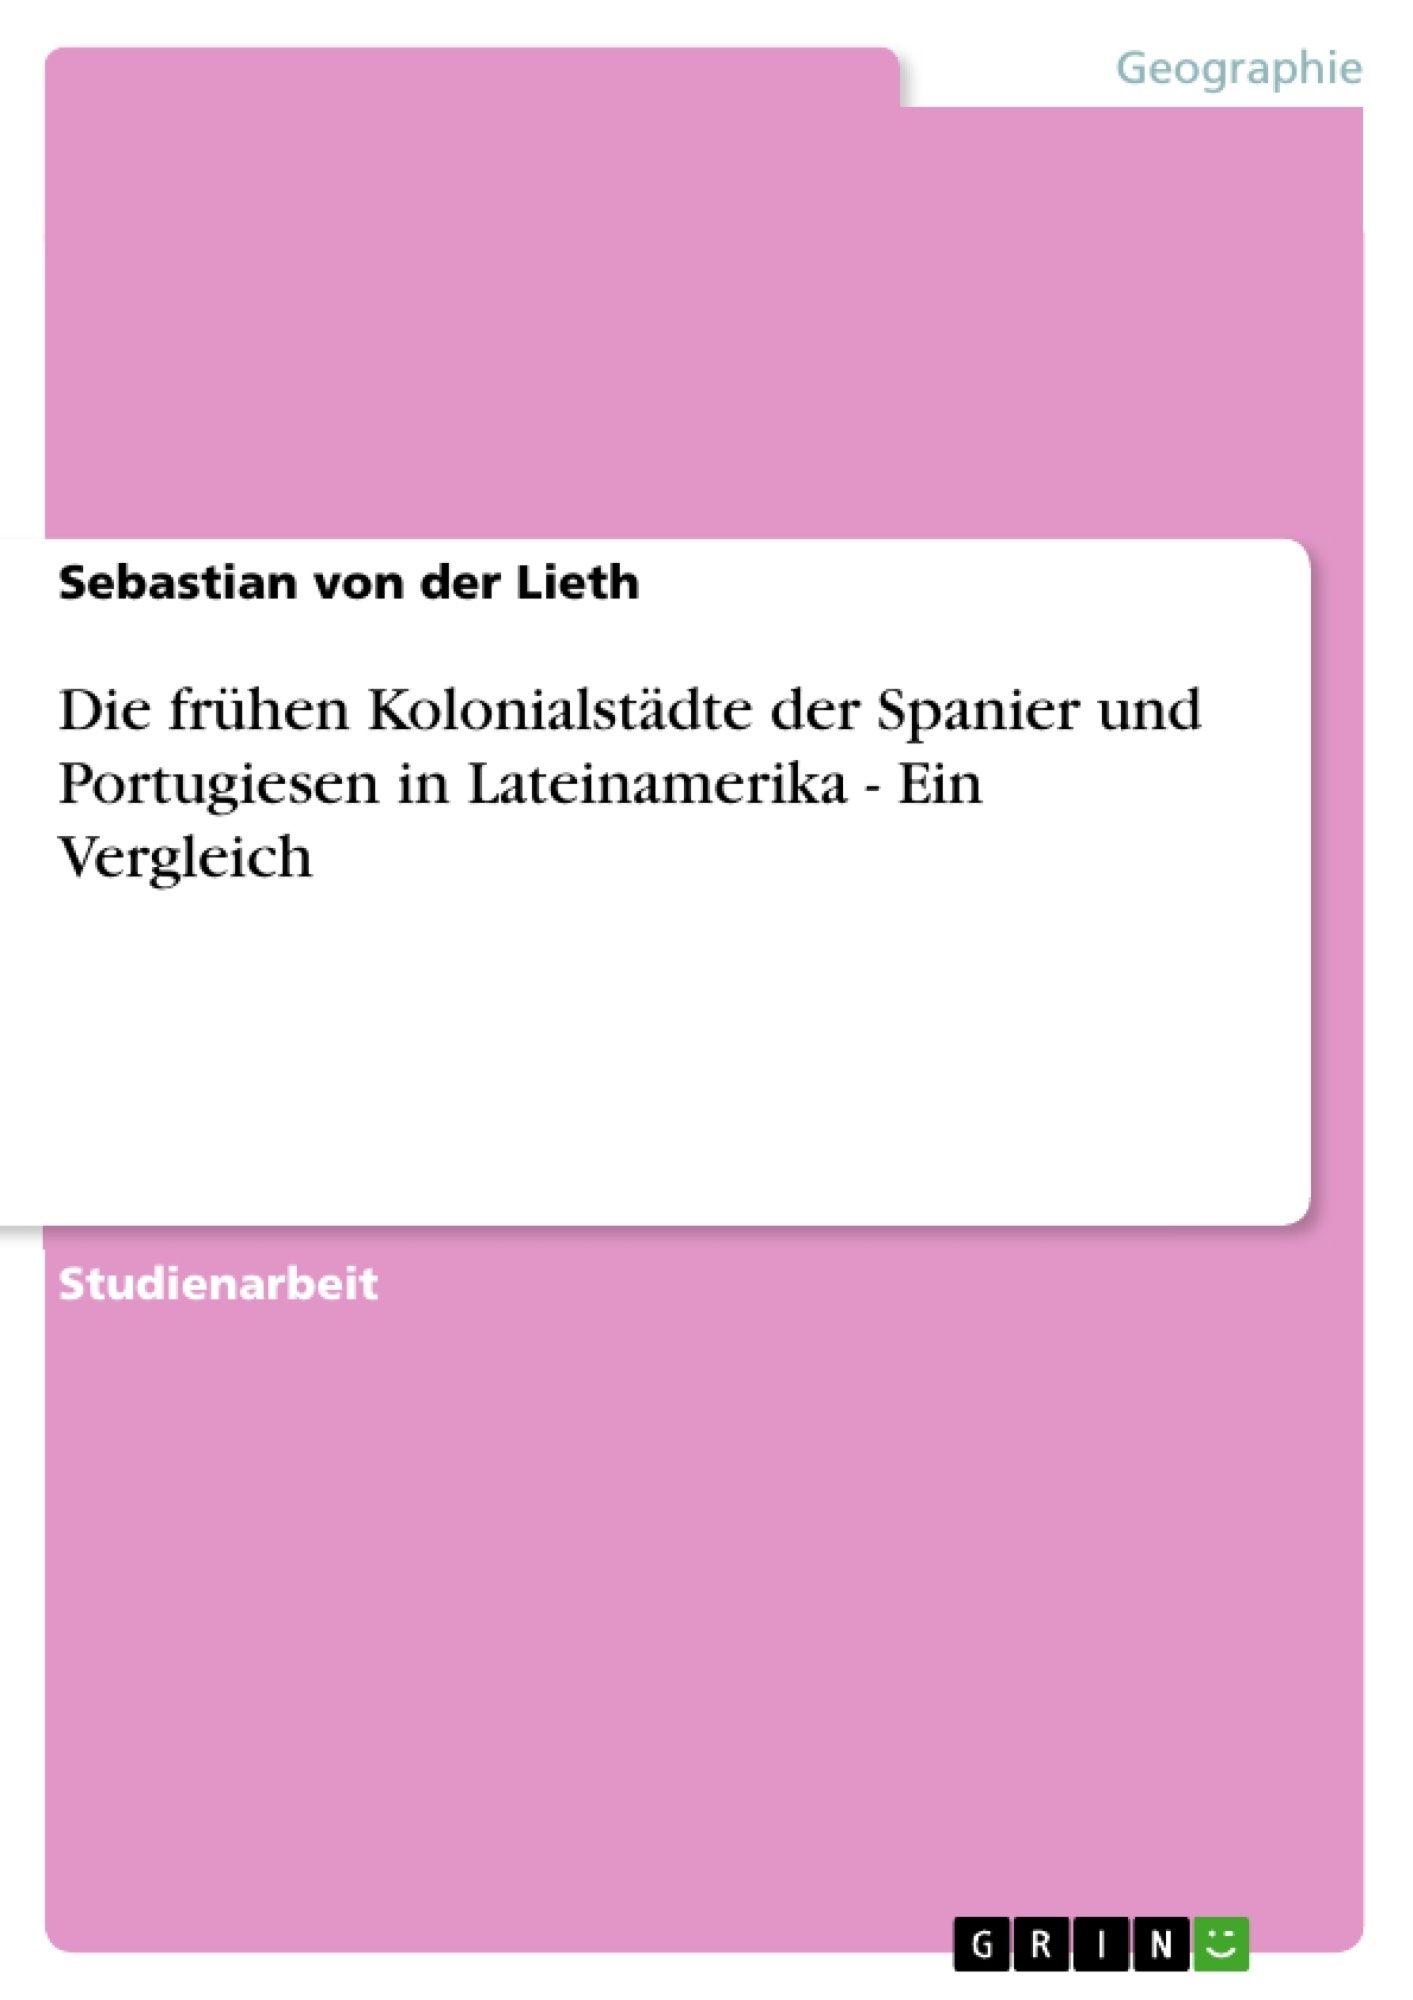 Titel: Die frühen Kolonialstädte der Spanier und Portugiesen in Lateinamerika - Ein Vergleich